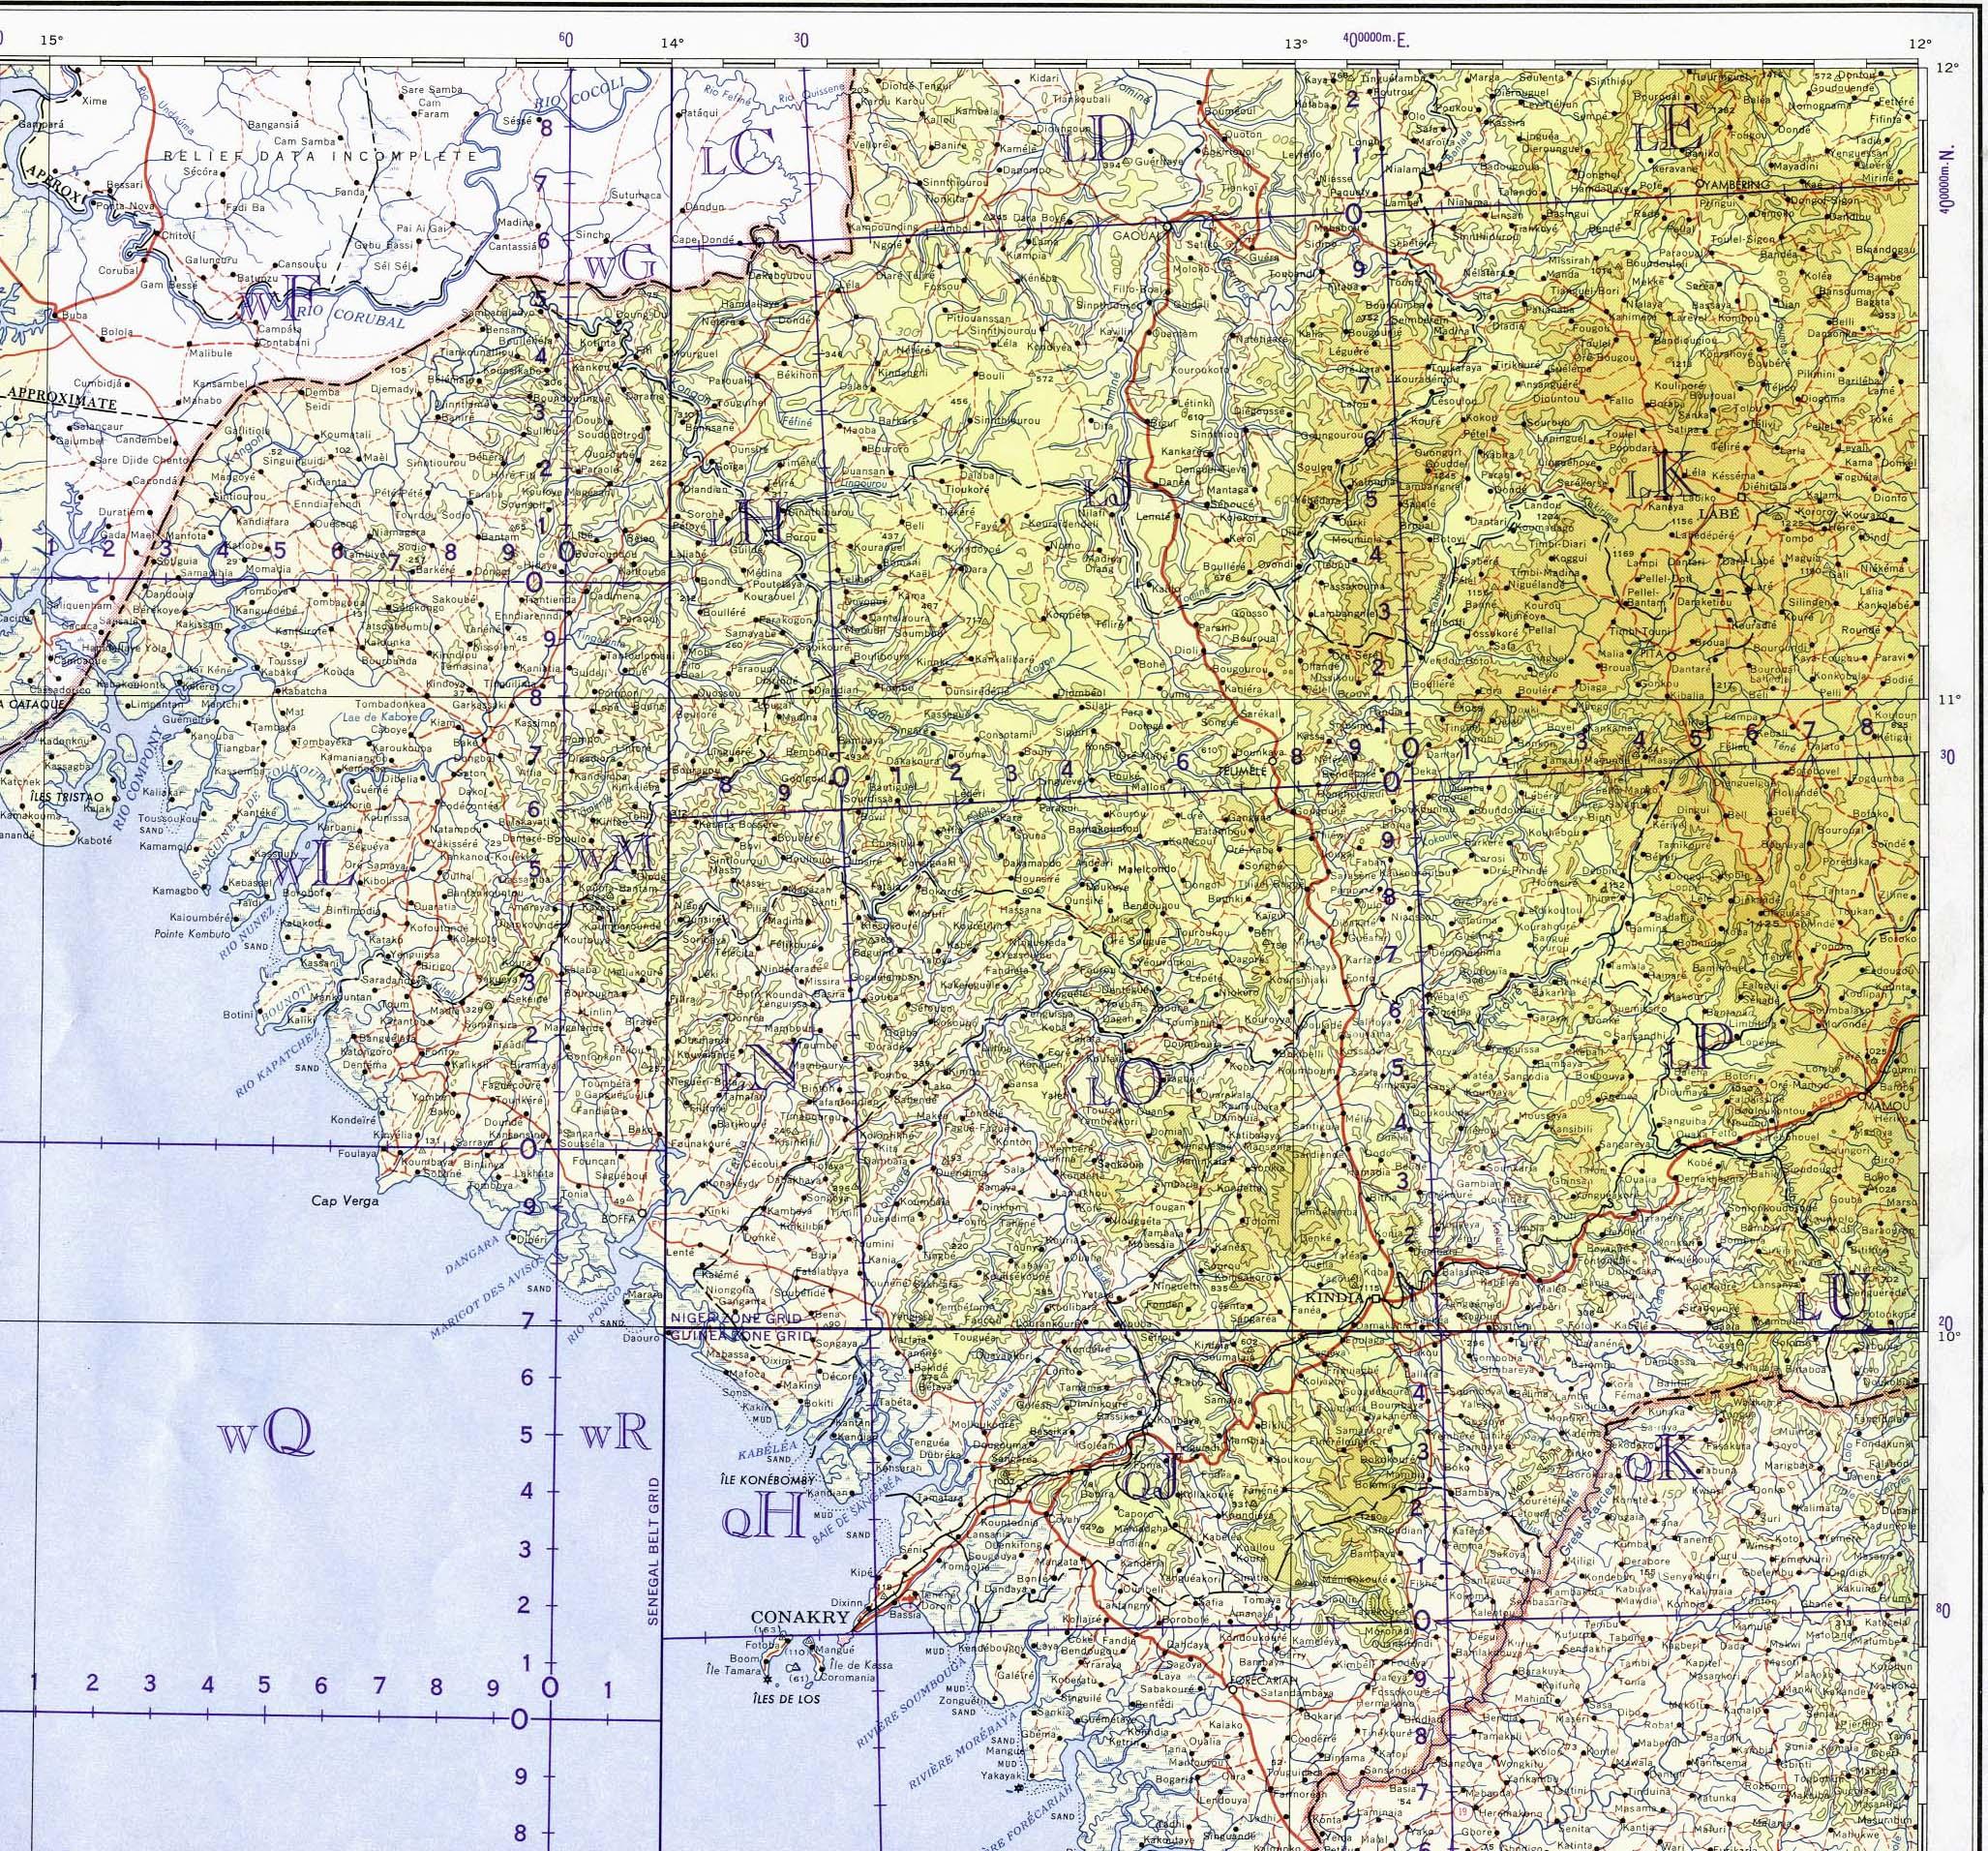 Mapa Topográfico de Guinea Central y Occidental